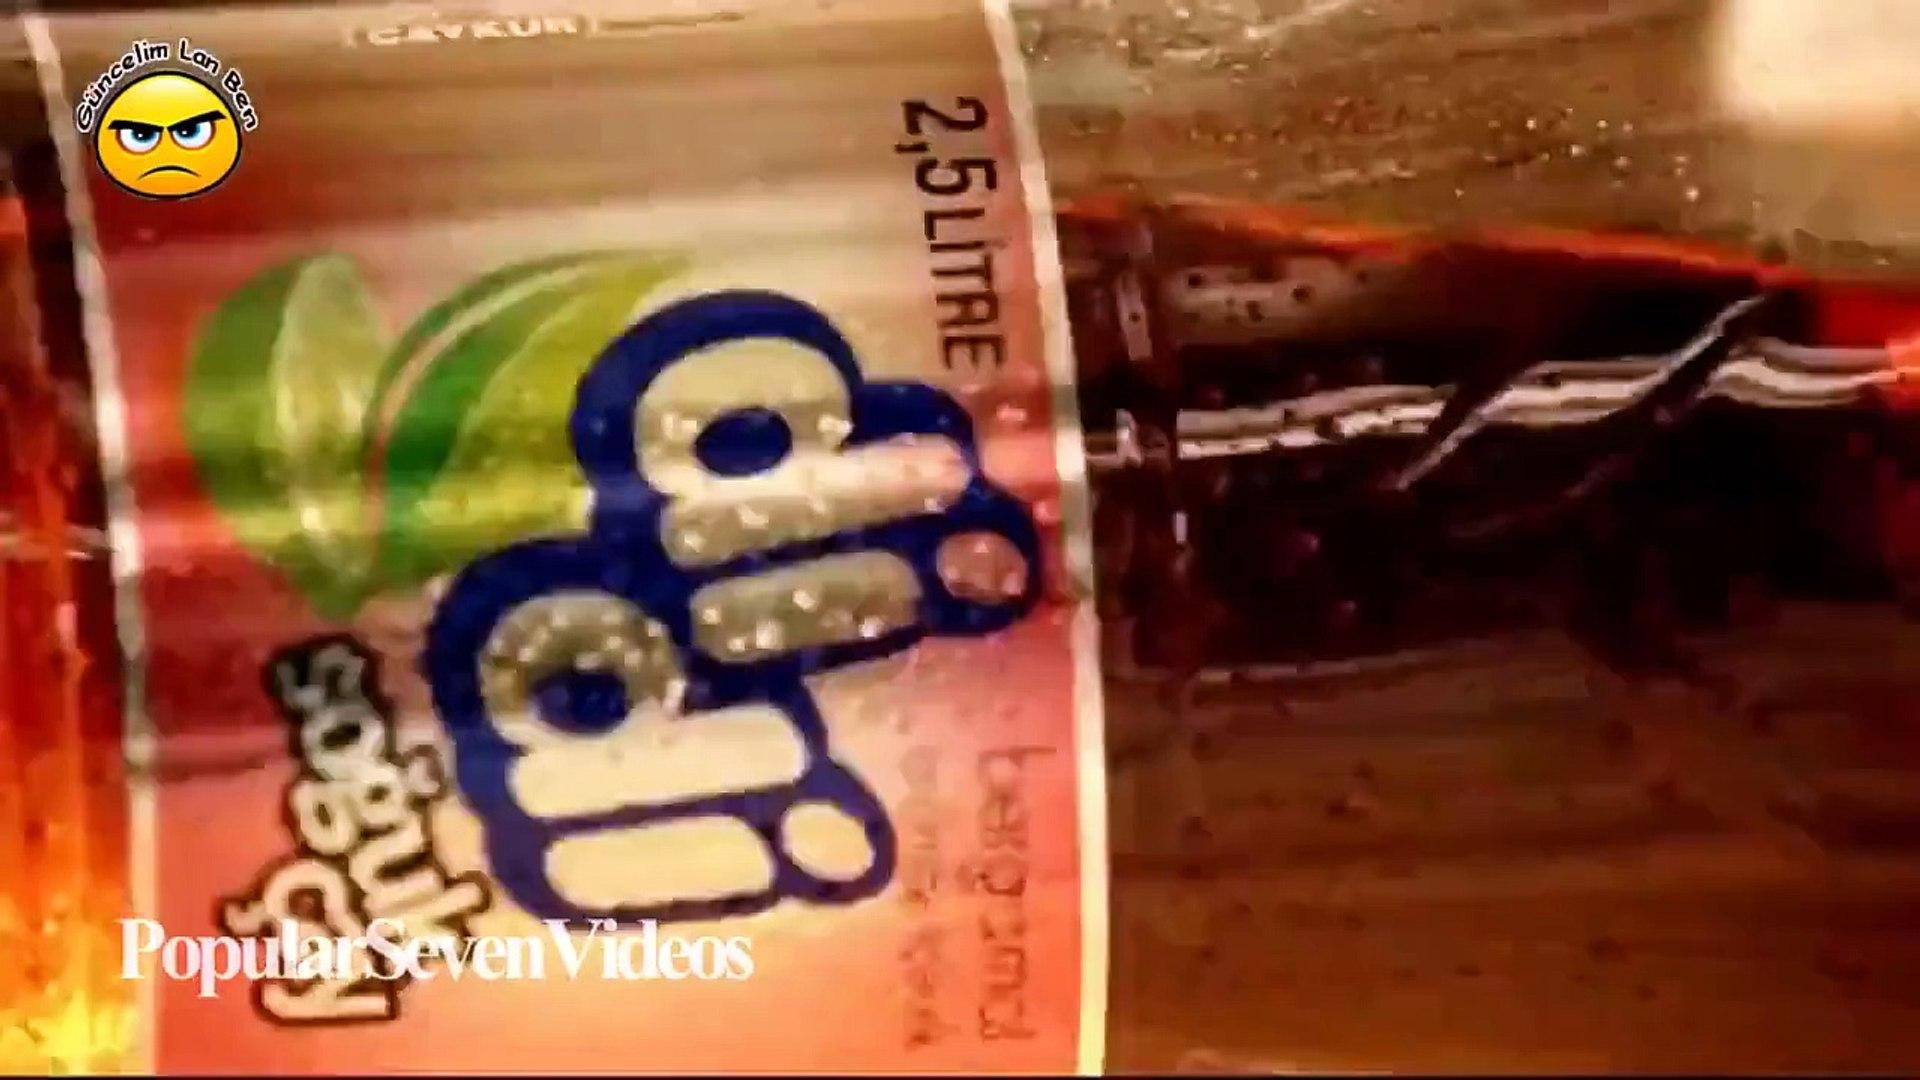 Ceza Yeni Didi Reklamı izle - Ceza Rap ve Didi Teyzesi Yemek Sofrası ##Sogukcayimdidi 2015 HD Komedi